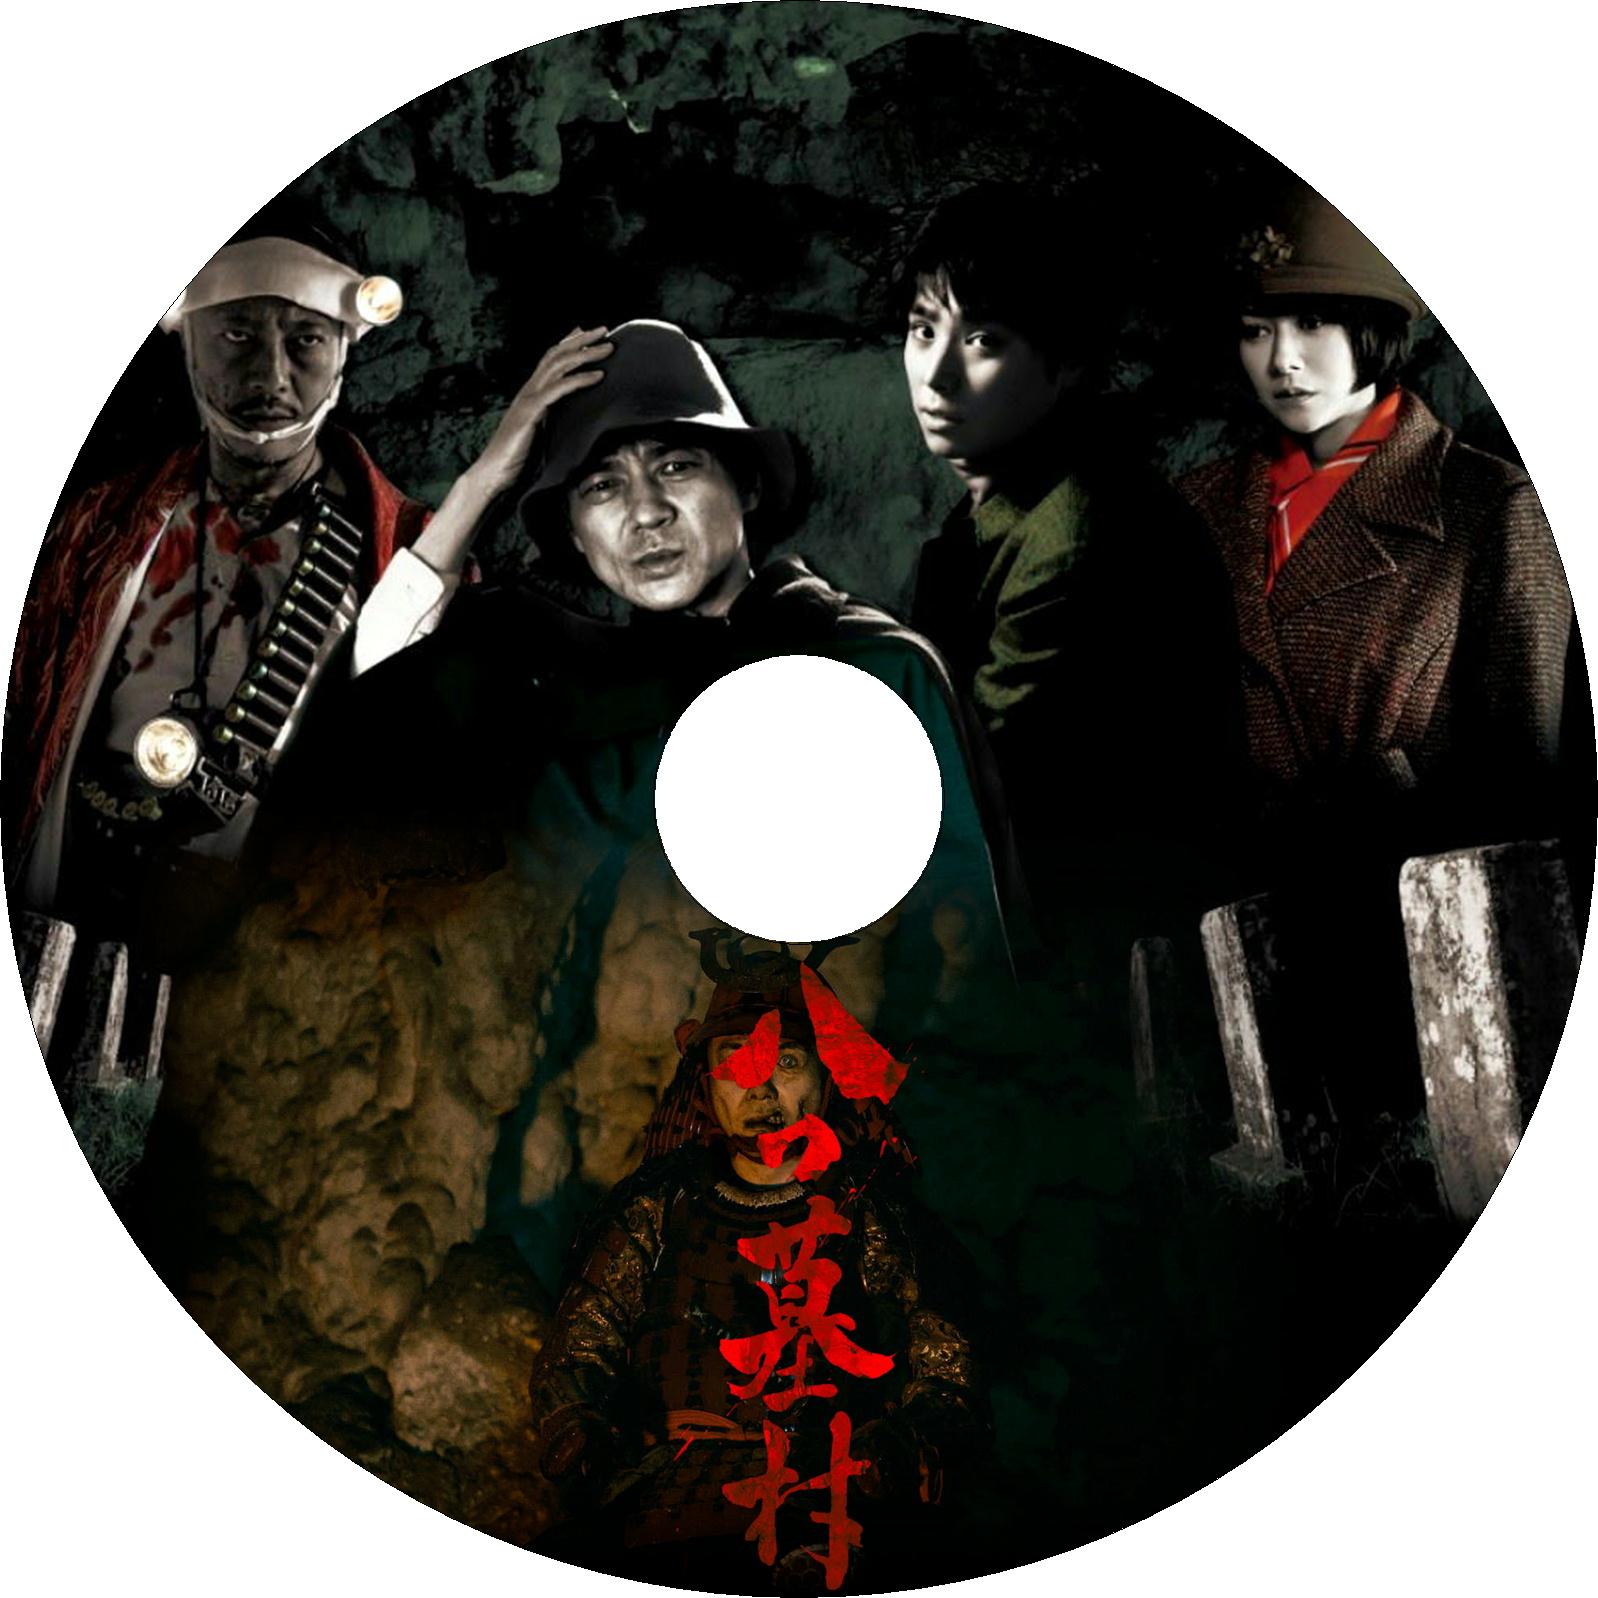 八つ墓村(2019 NHK BSプレミアム) ラベル